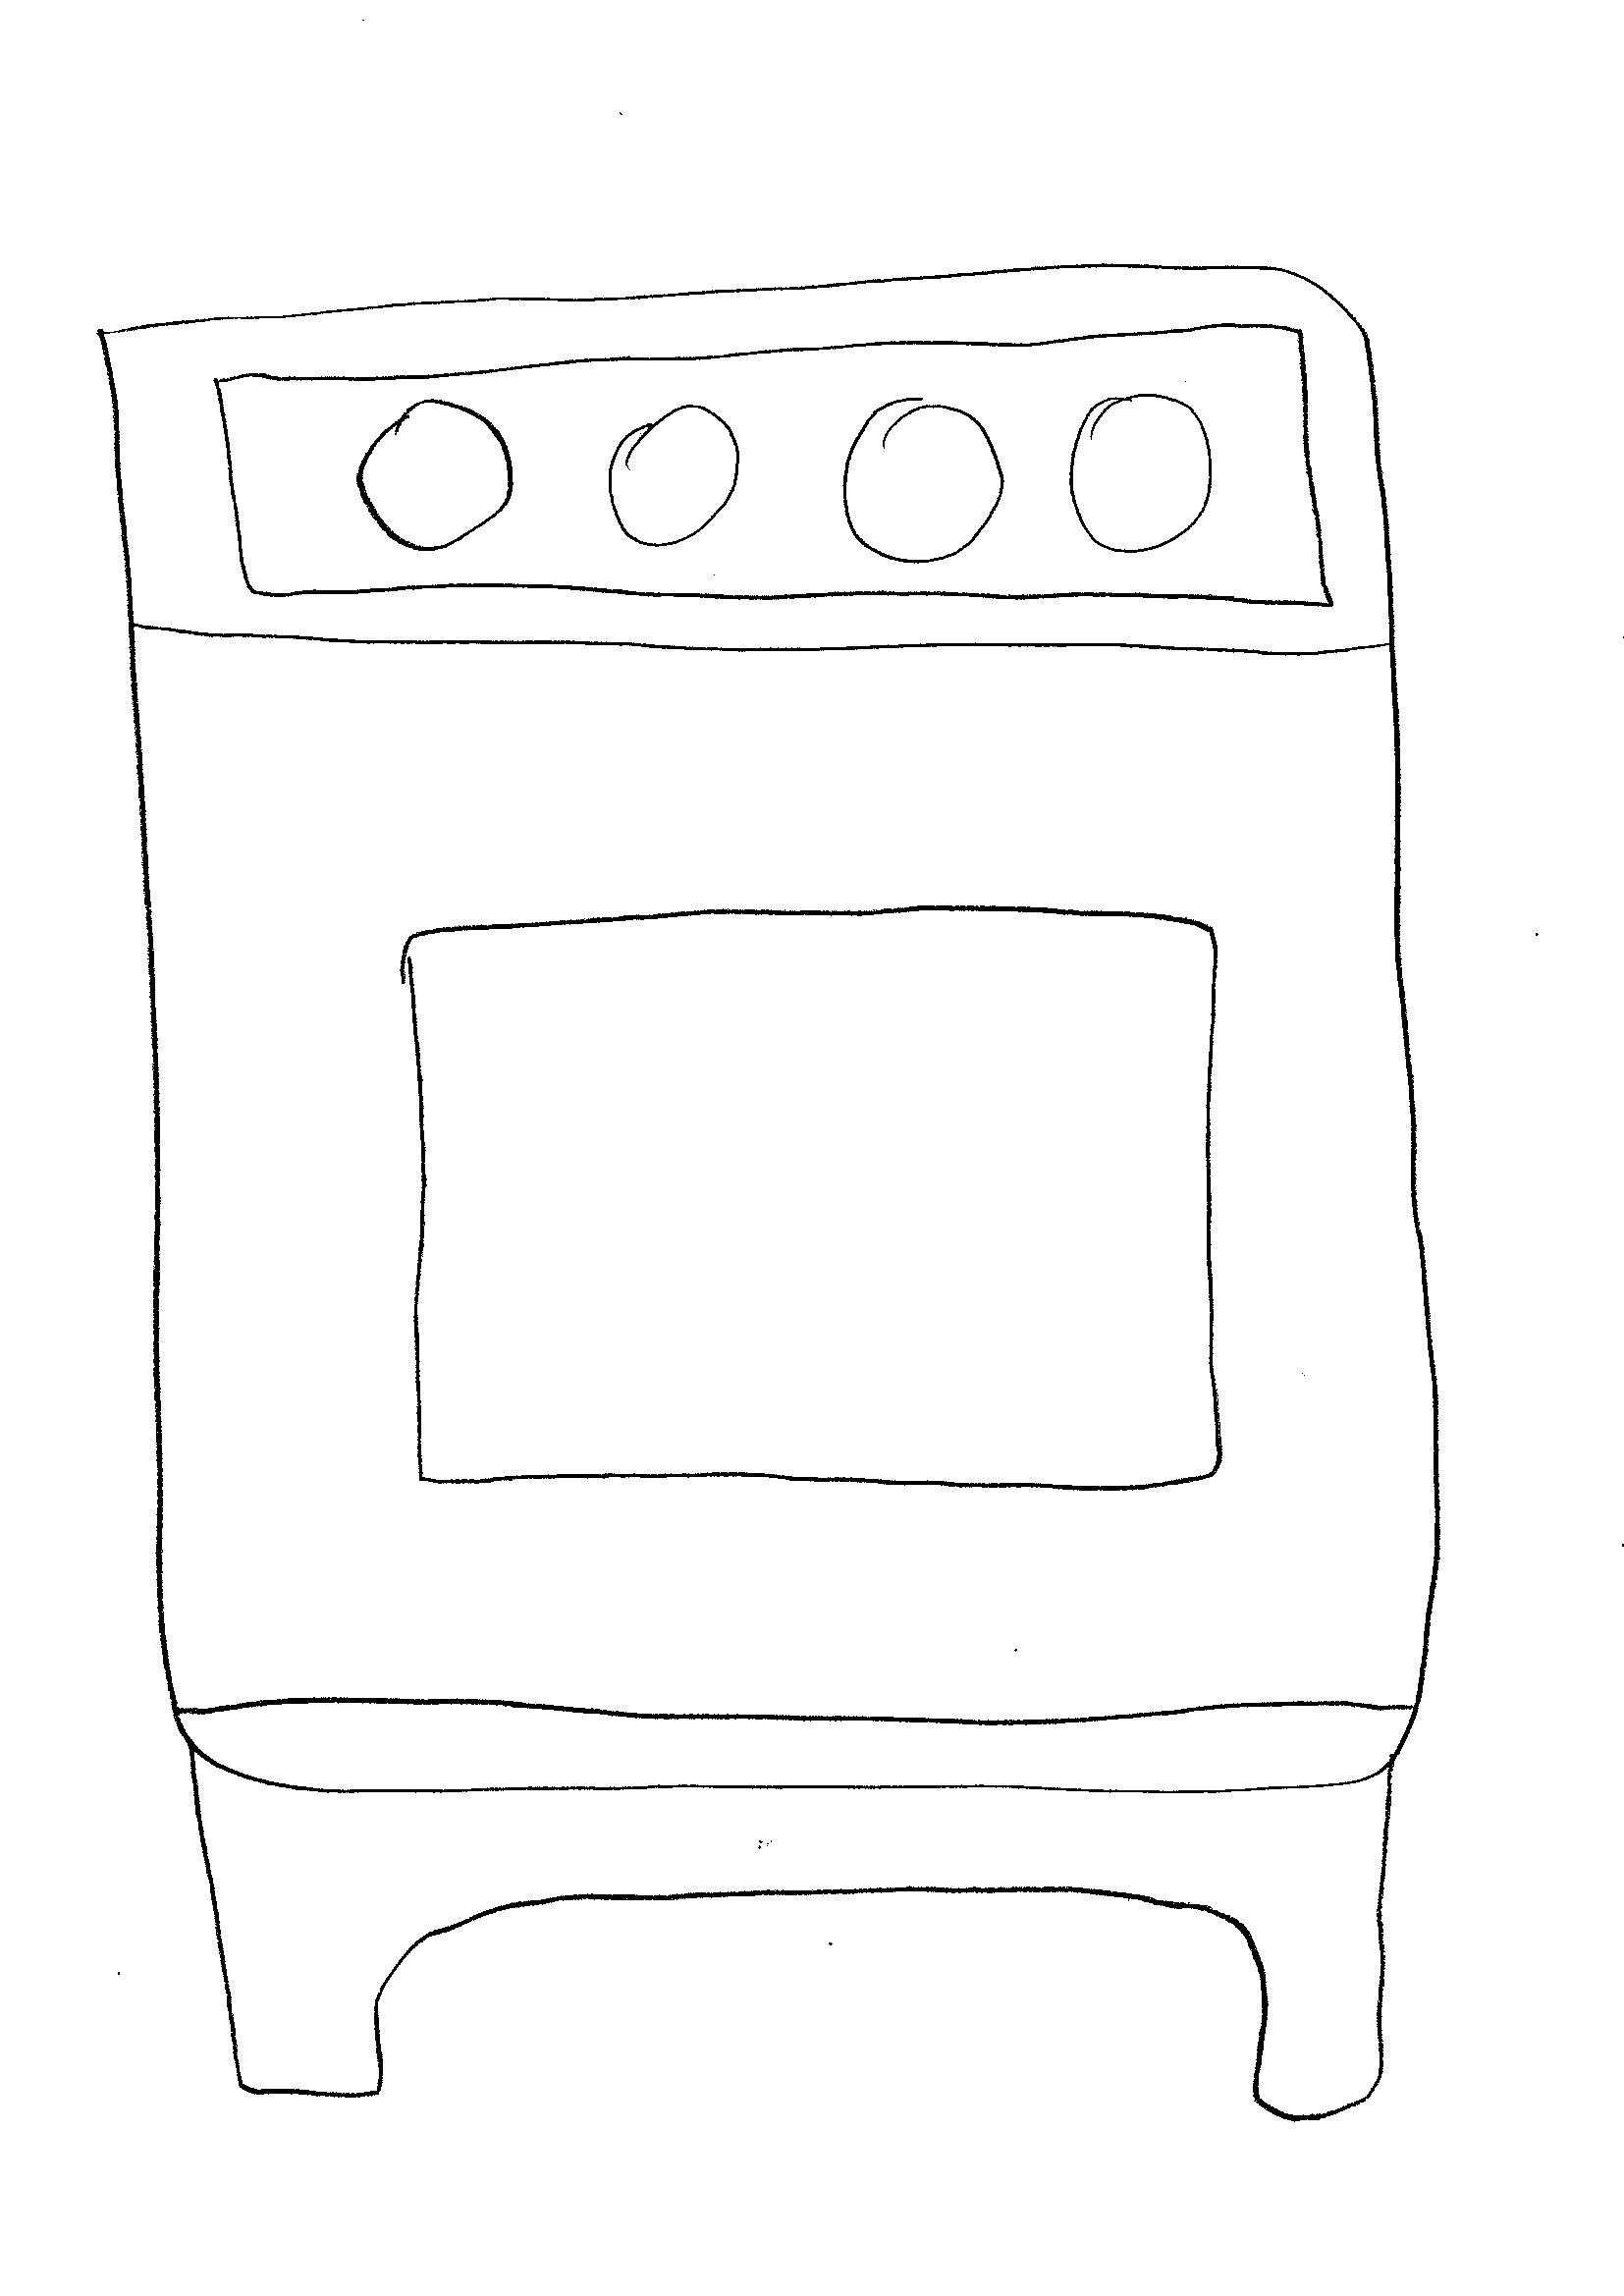 disegni-da-colorare-bambini I forno cucina